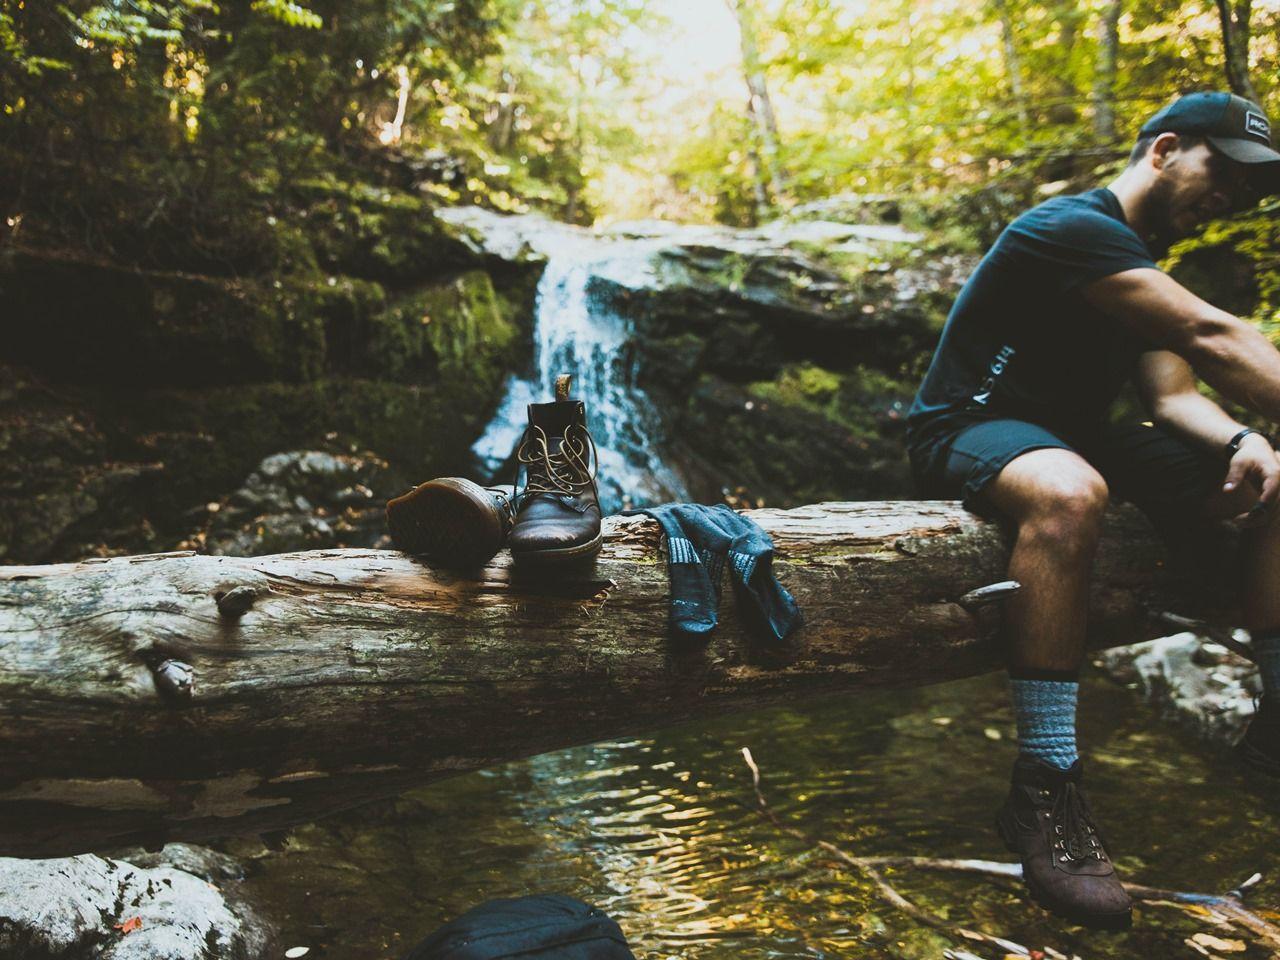 f04d1975 Buty trekkingowe pozwolą Ci cieszyć się drogą, a nie przejmować bąblami i  odparzeniami na stopie. Jakie obuwie terenowe wybrać i na co zwracać uwagę  podczas ...